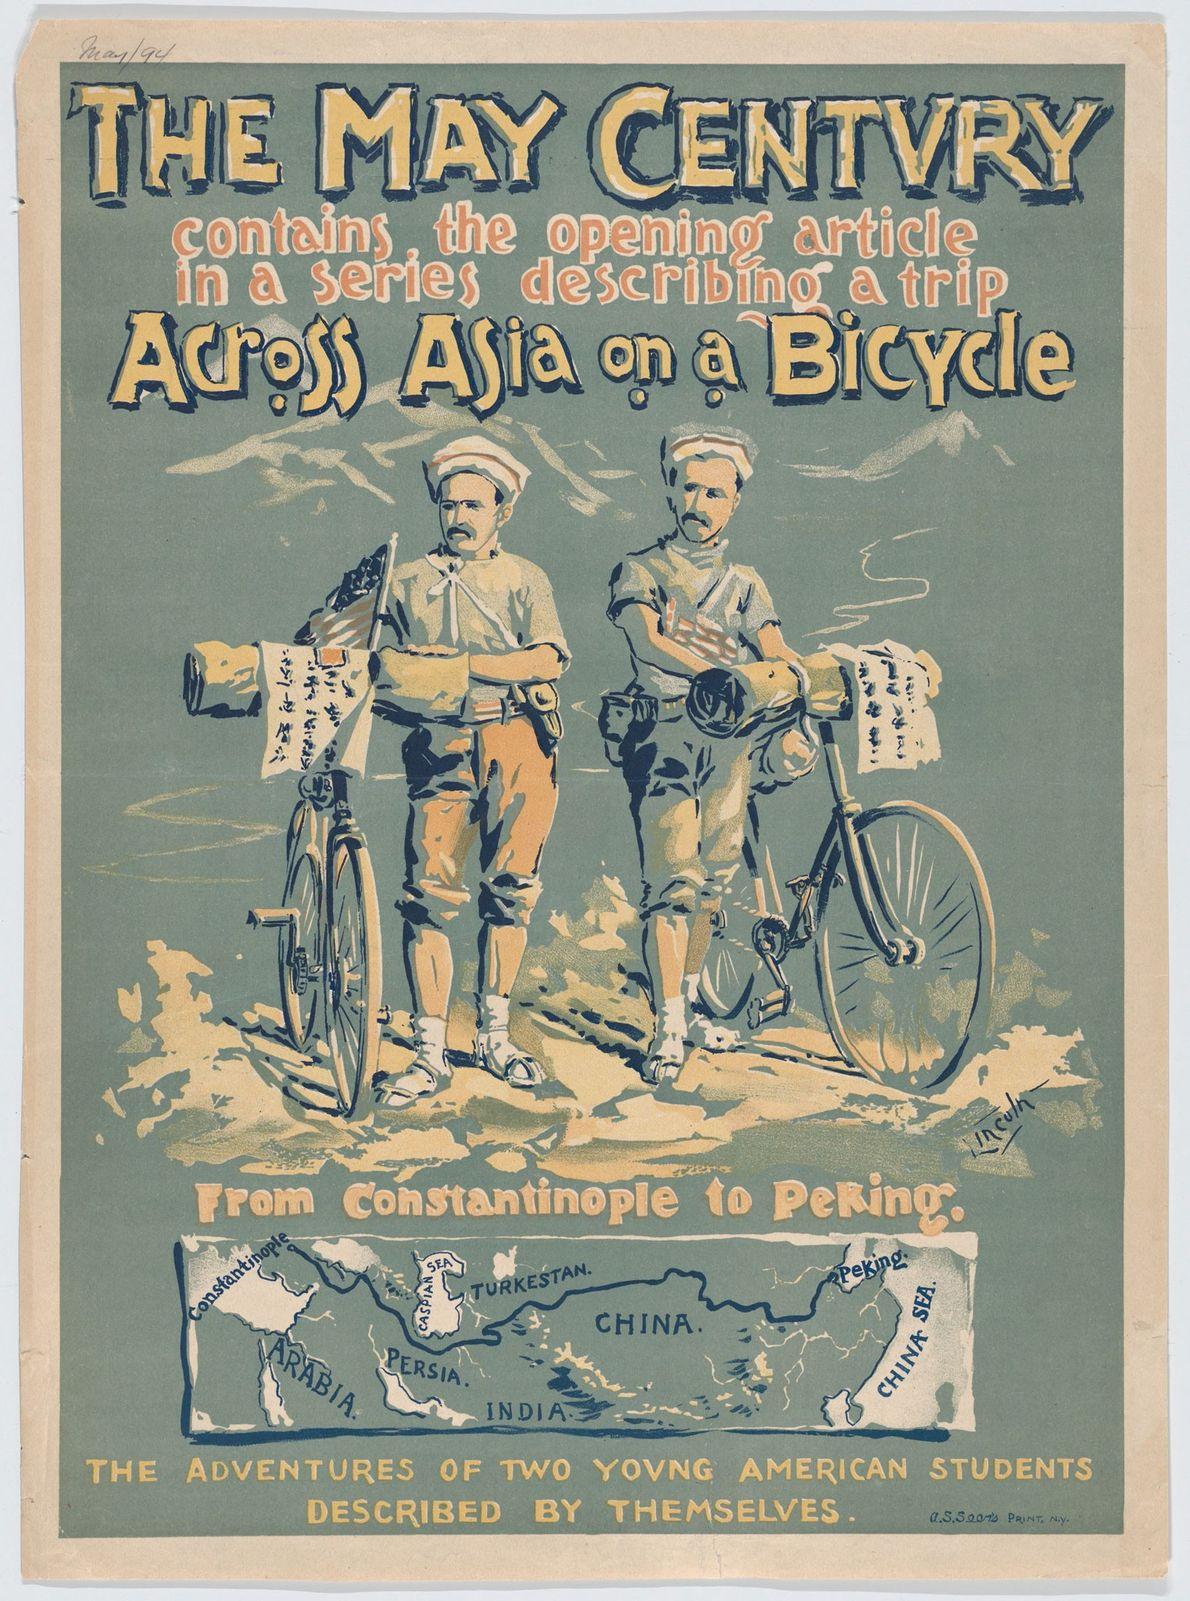 Em 1891, Thomas Gaskell Allen e William Lewis Sachtleben, dois jovens estudantes americanos, partiram numa viagem ...